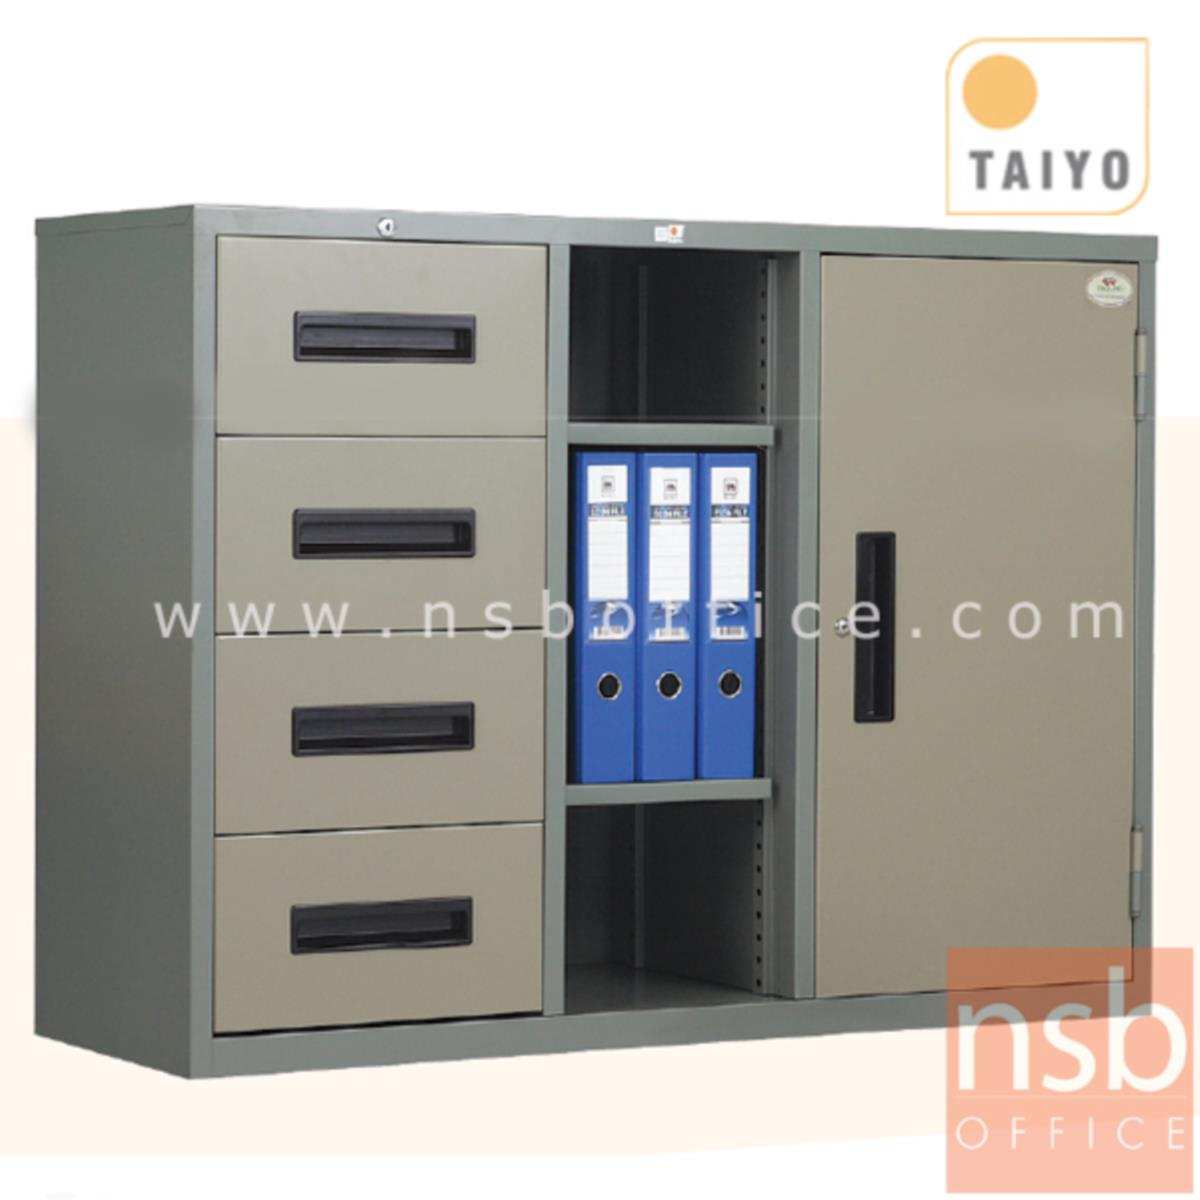 E02A014:ตู้เหล็กเอนกประสงค์ 4 ฟุต (1 บานเปิด 1 ช่องกลาง 4 ลิ้นชักข้าง) รุ่น RD-411